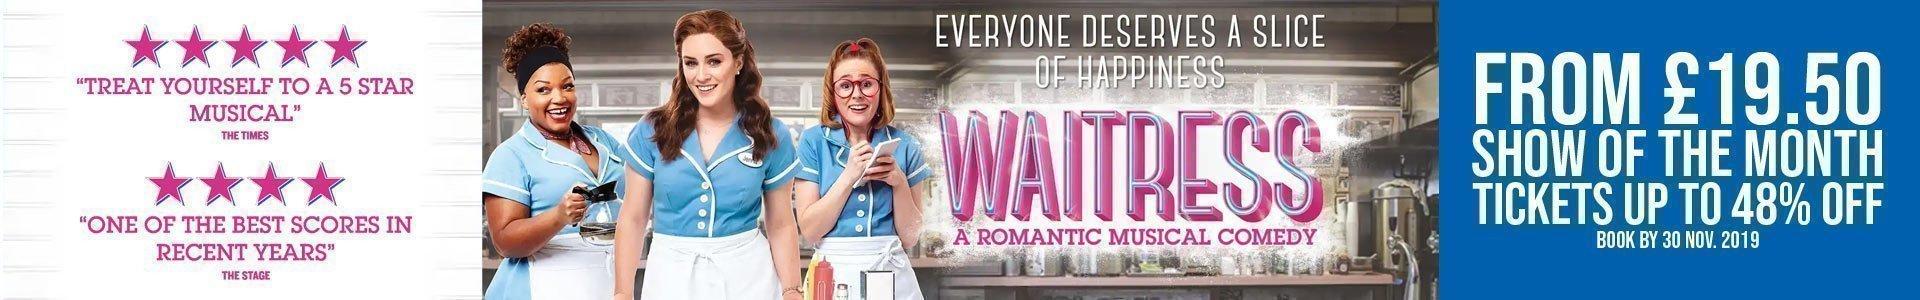 Waitress The Musical - Cheap Tickets